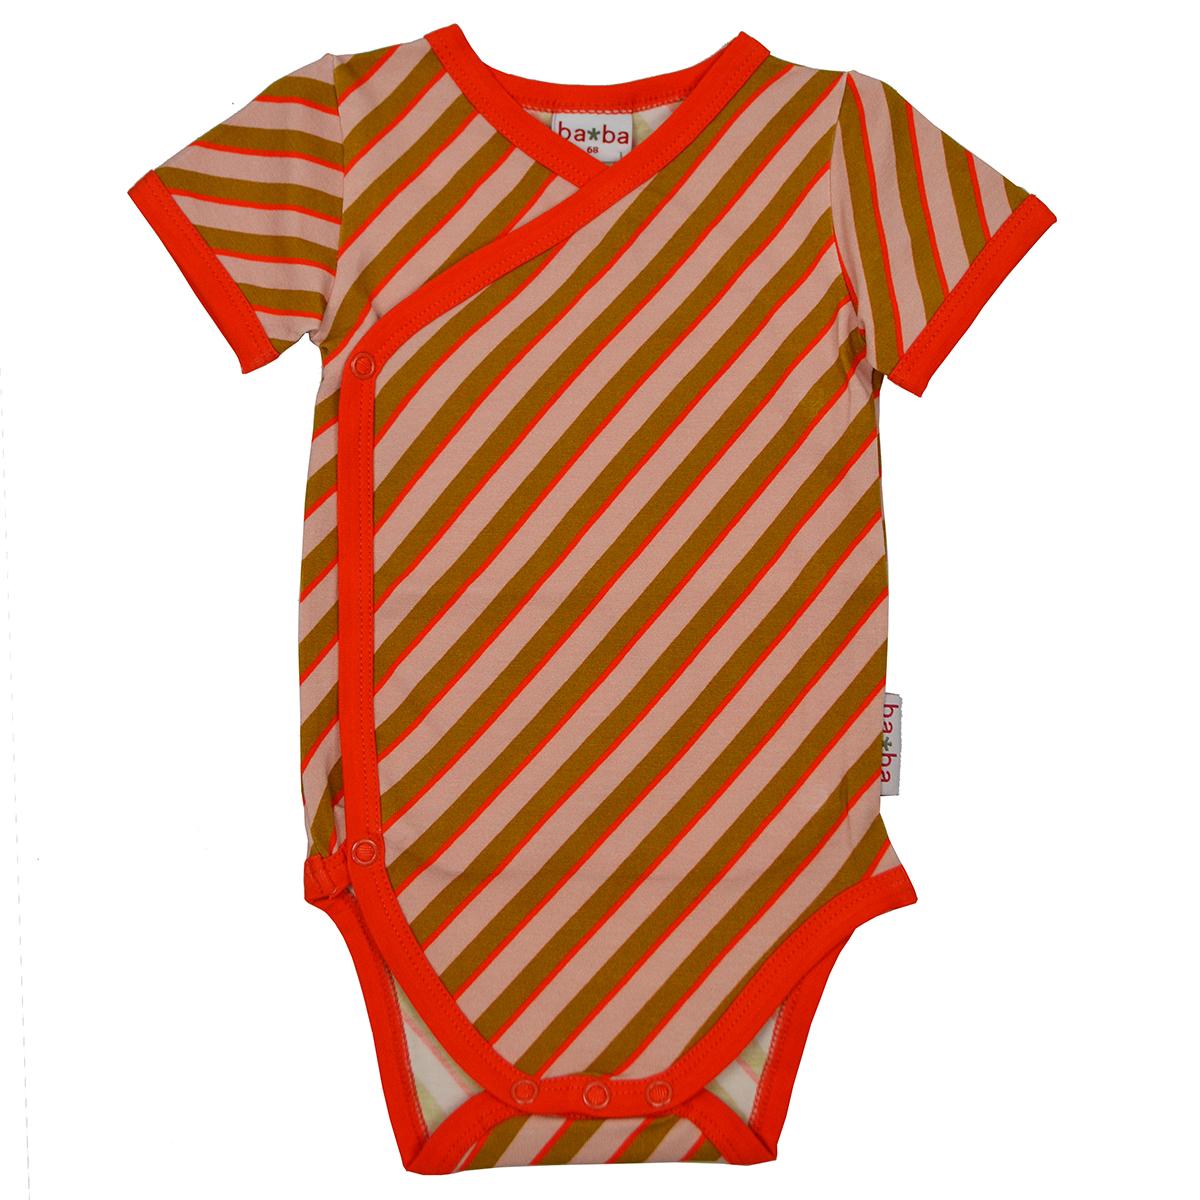 Baba Kidswear Wrap Body